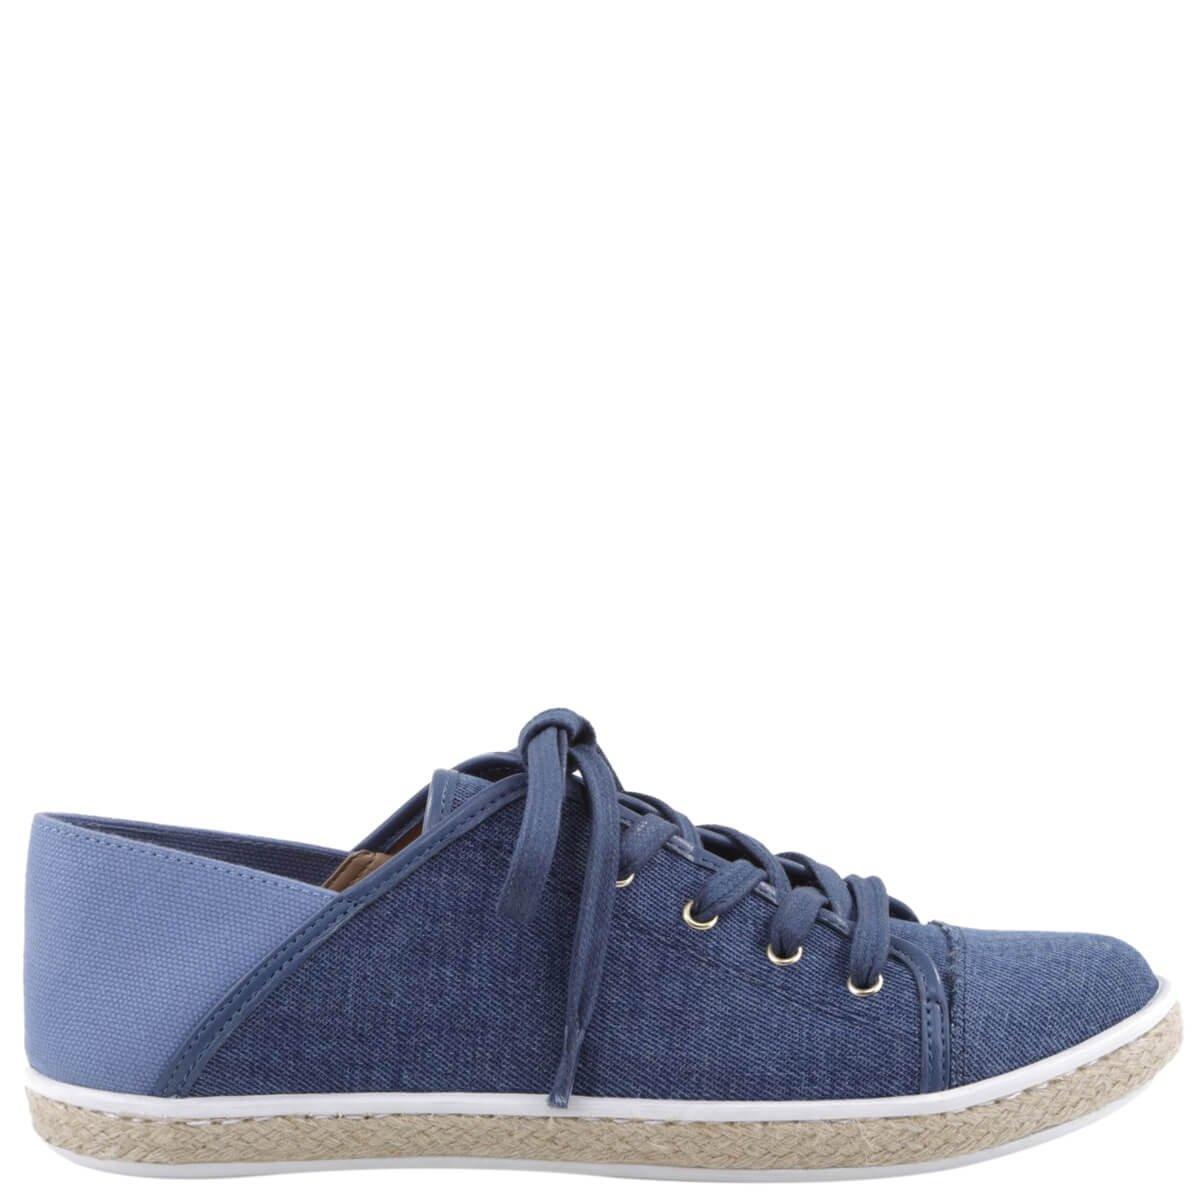 fe72806b7b9 Bizz Store - Tênis Feminino Arezzo Jeans Lona